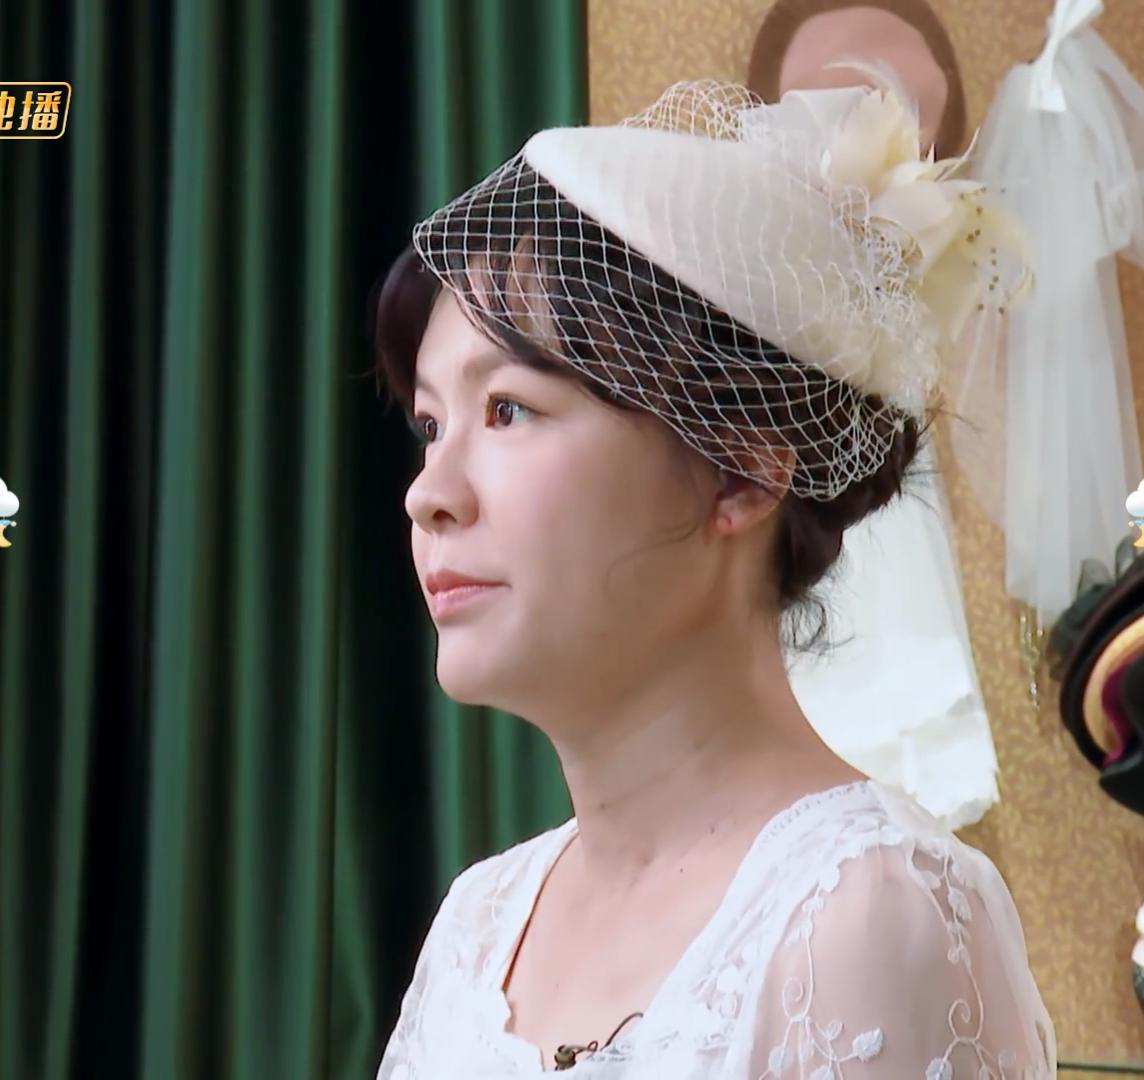 40岁李艾挺孕肚穿婚纱出镜,当看到她的身材那刻后,简直绝了!